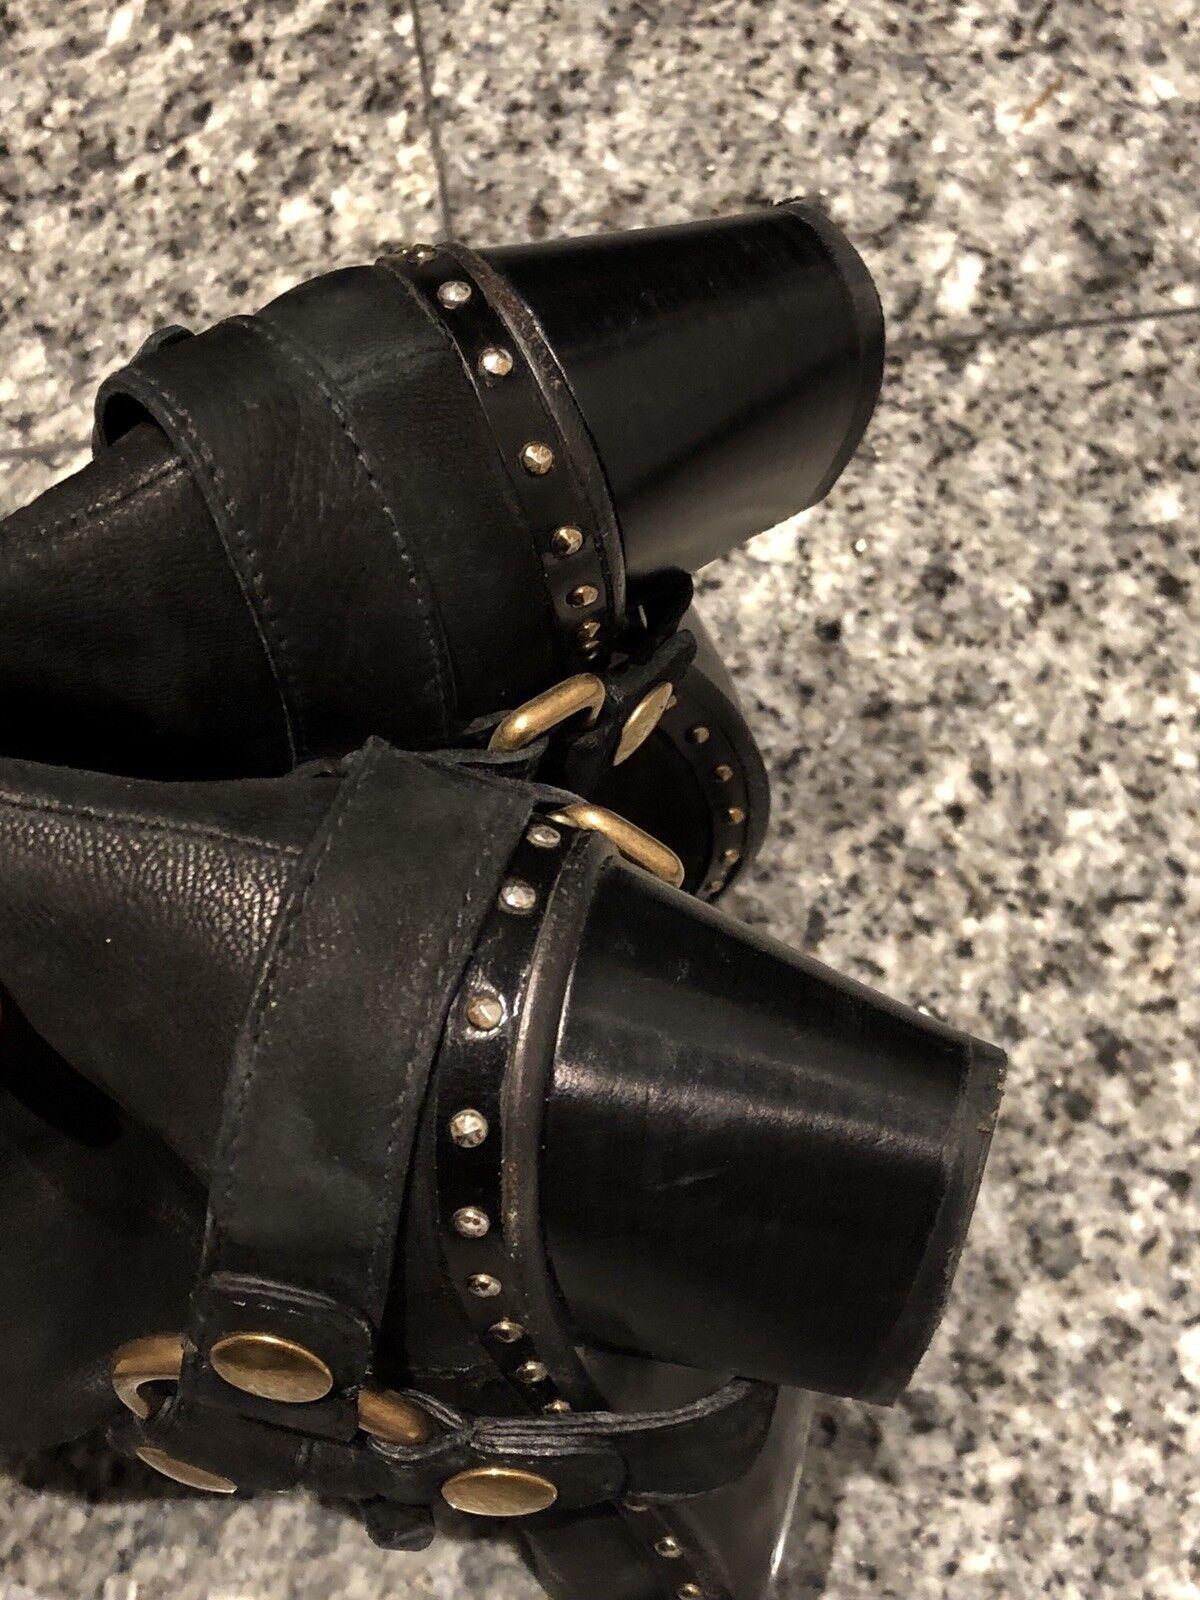 Miu miu by PRADA Negro Negro Negro Tachonado botas De Vaquero c79569